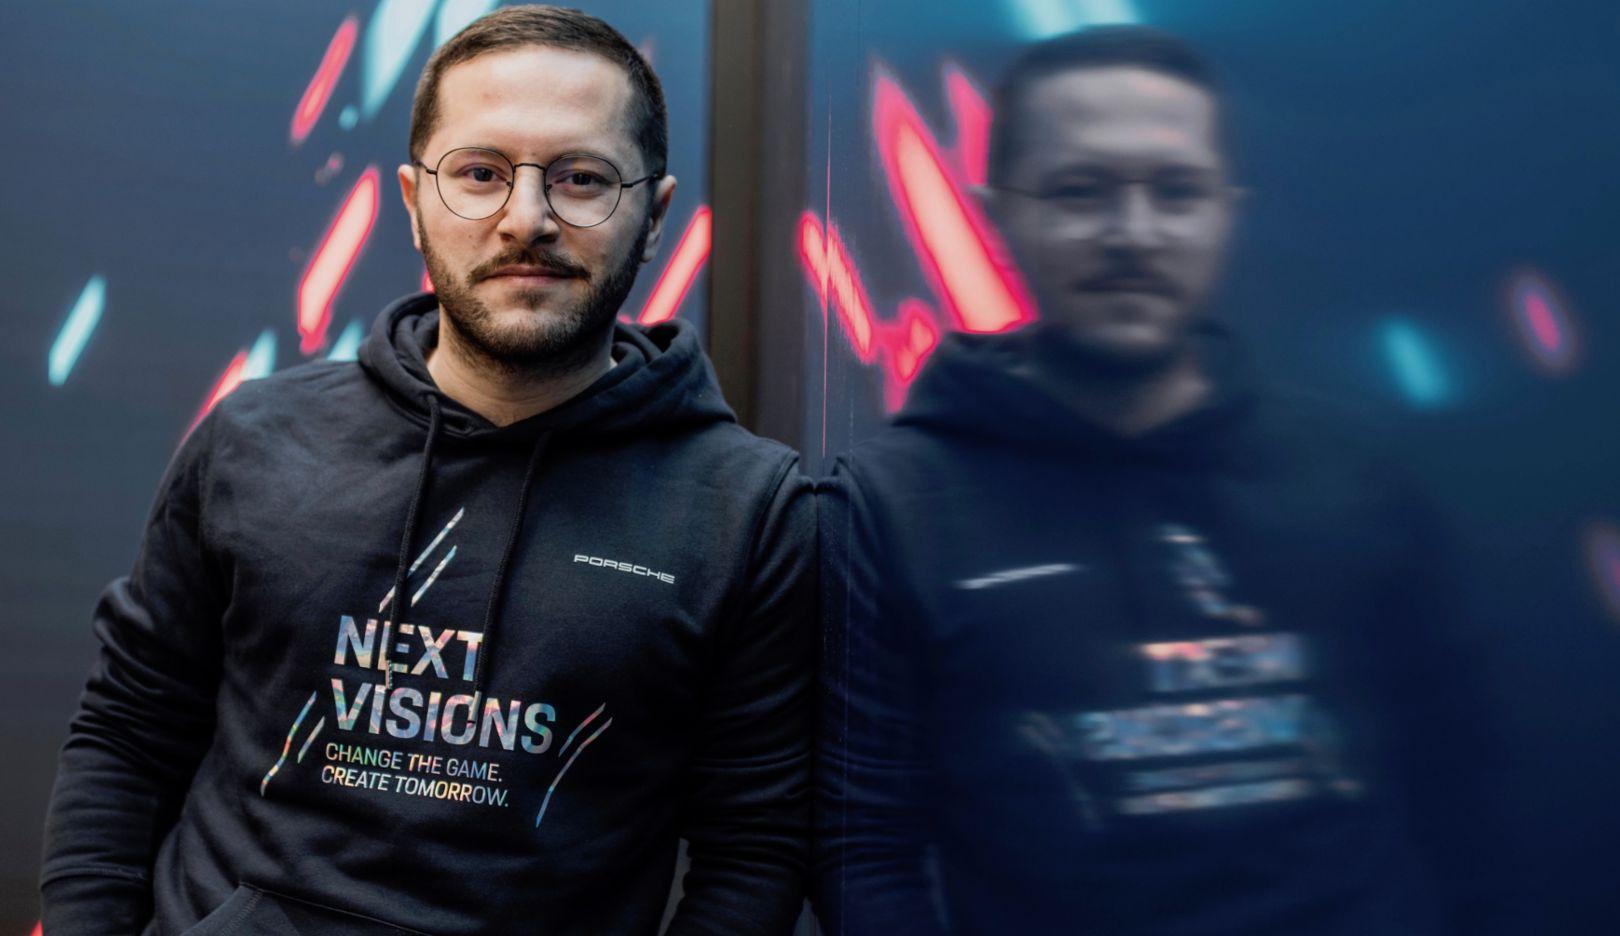 Cihan Sügür, IT Demand Manager at Porsche, 2019, Porsche AG